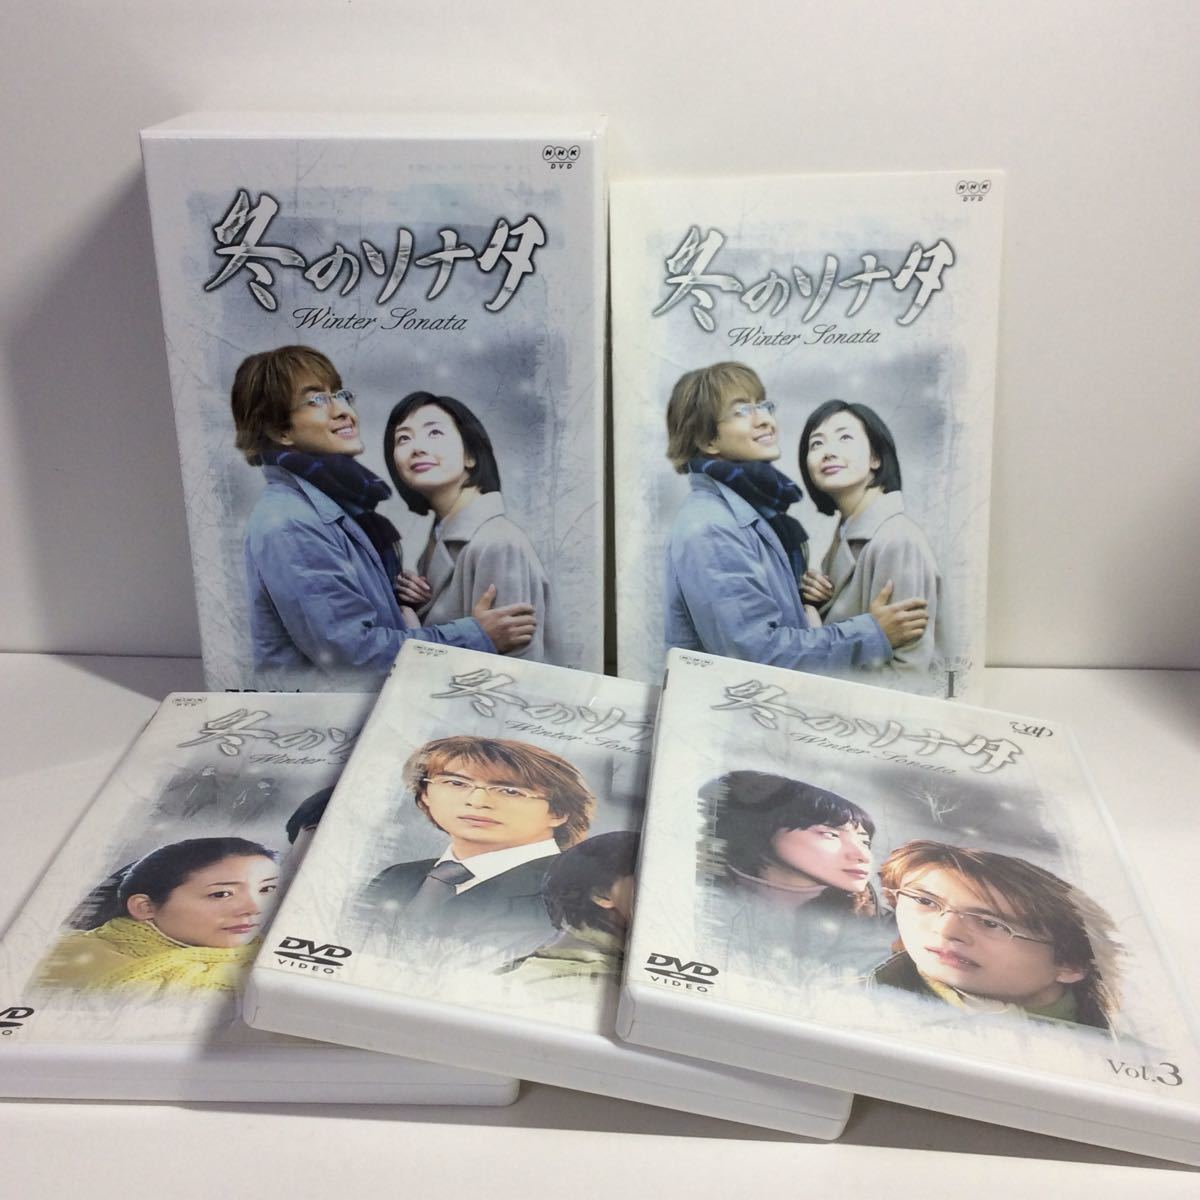 ◇ 冬のソナタ DVDボックスI&II  NHKDVD  セル版  小冊子、特典映像あり 初回限定生産品